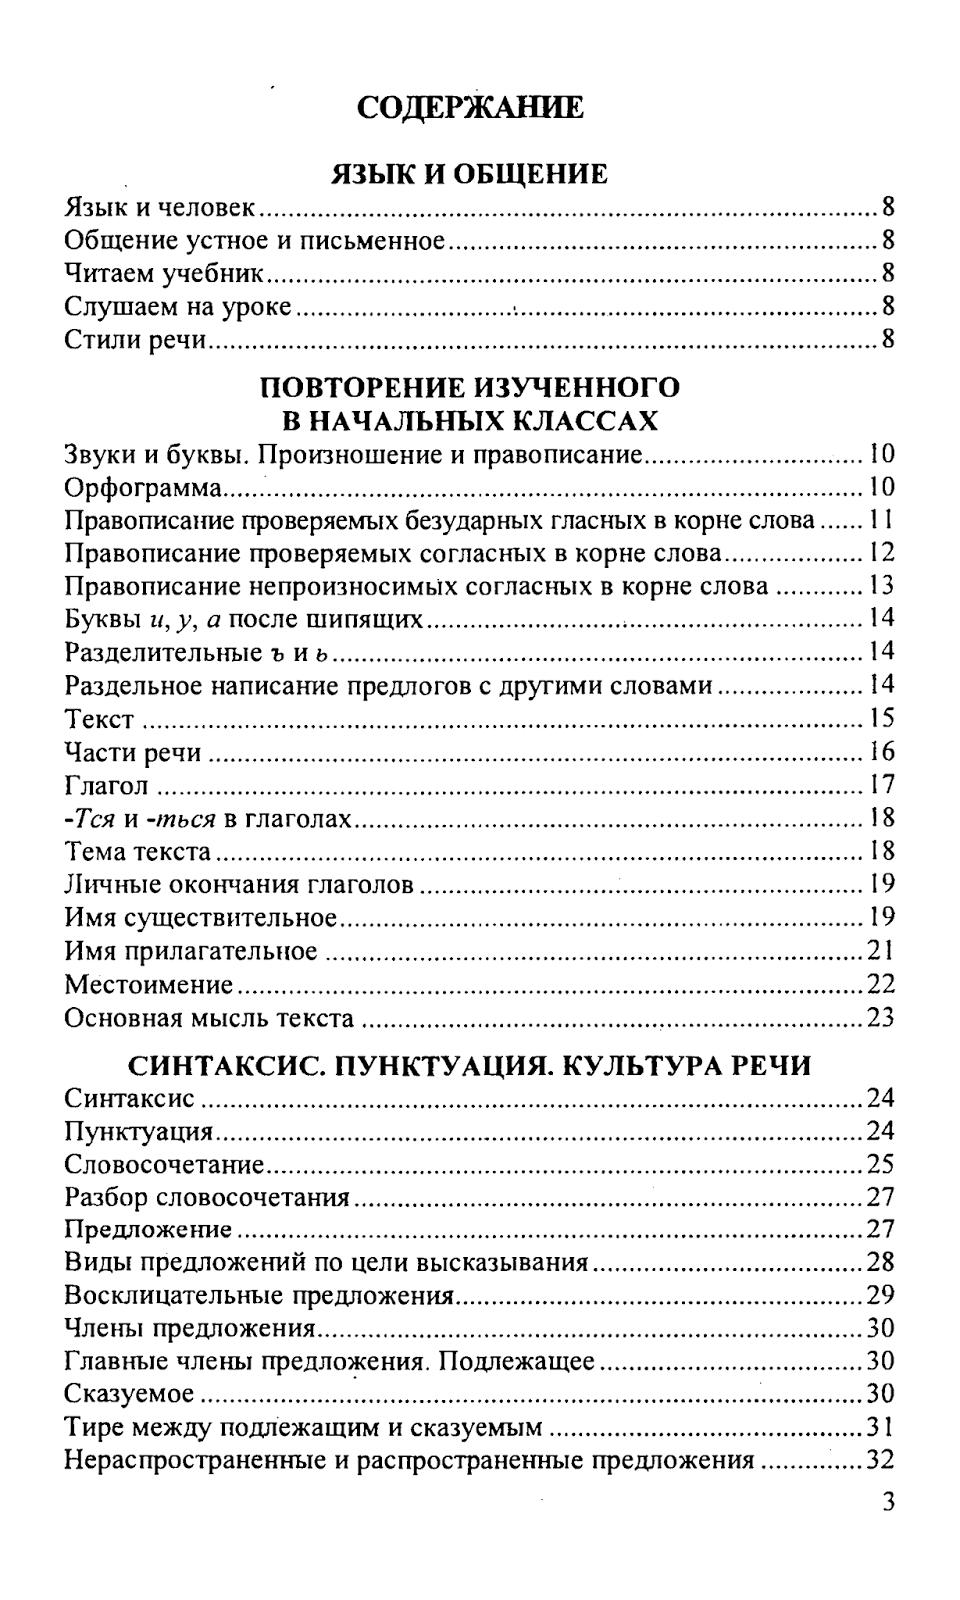 гдз по русскому языку 8 класс разумовская п.а леканта